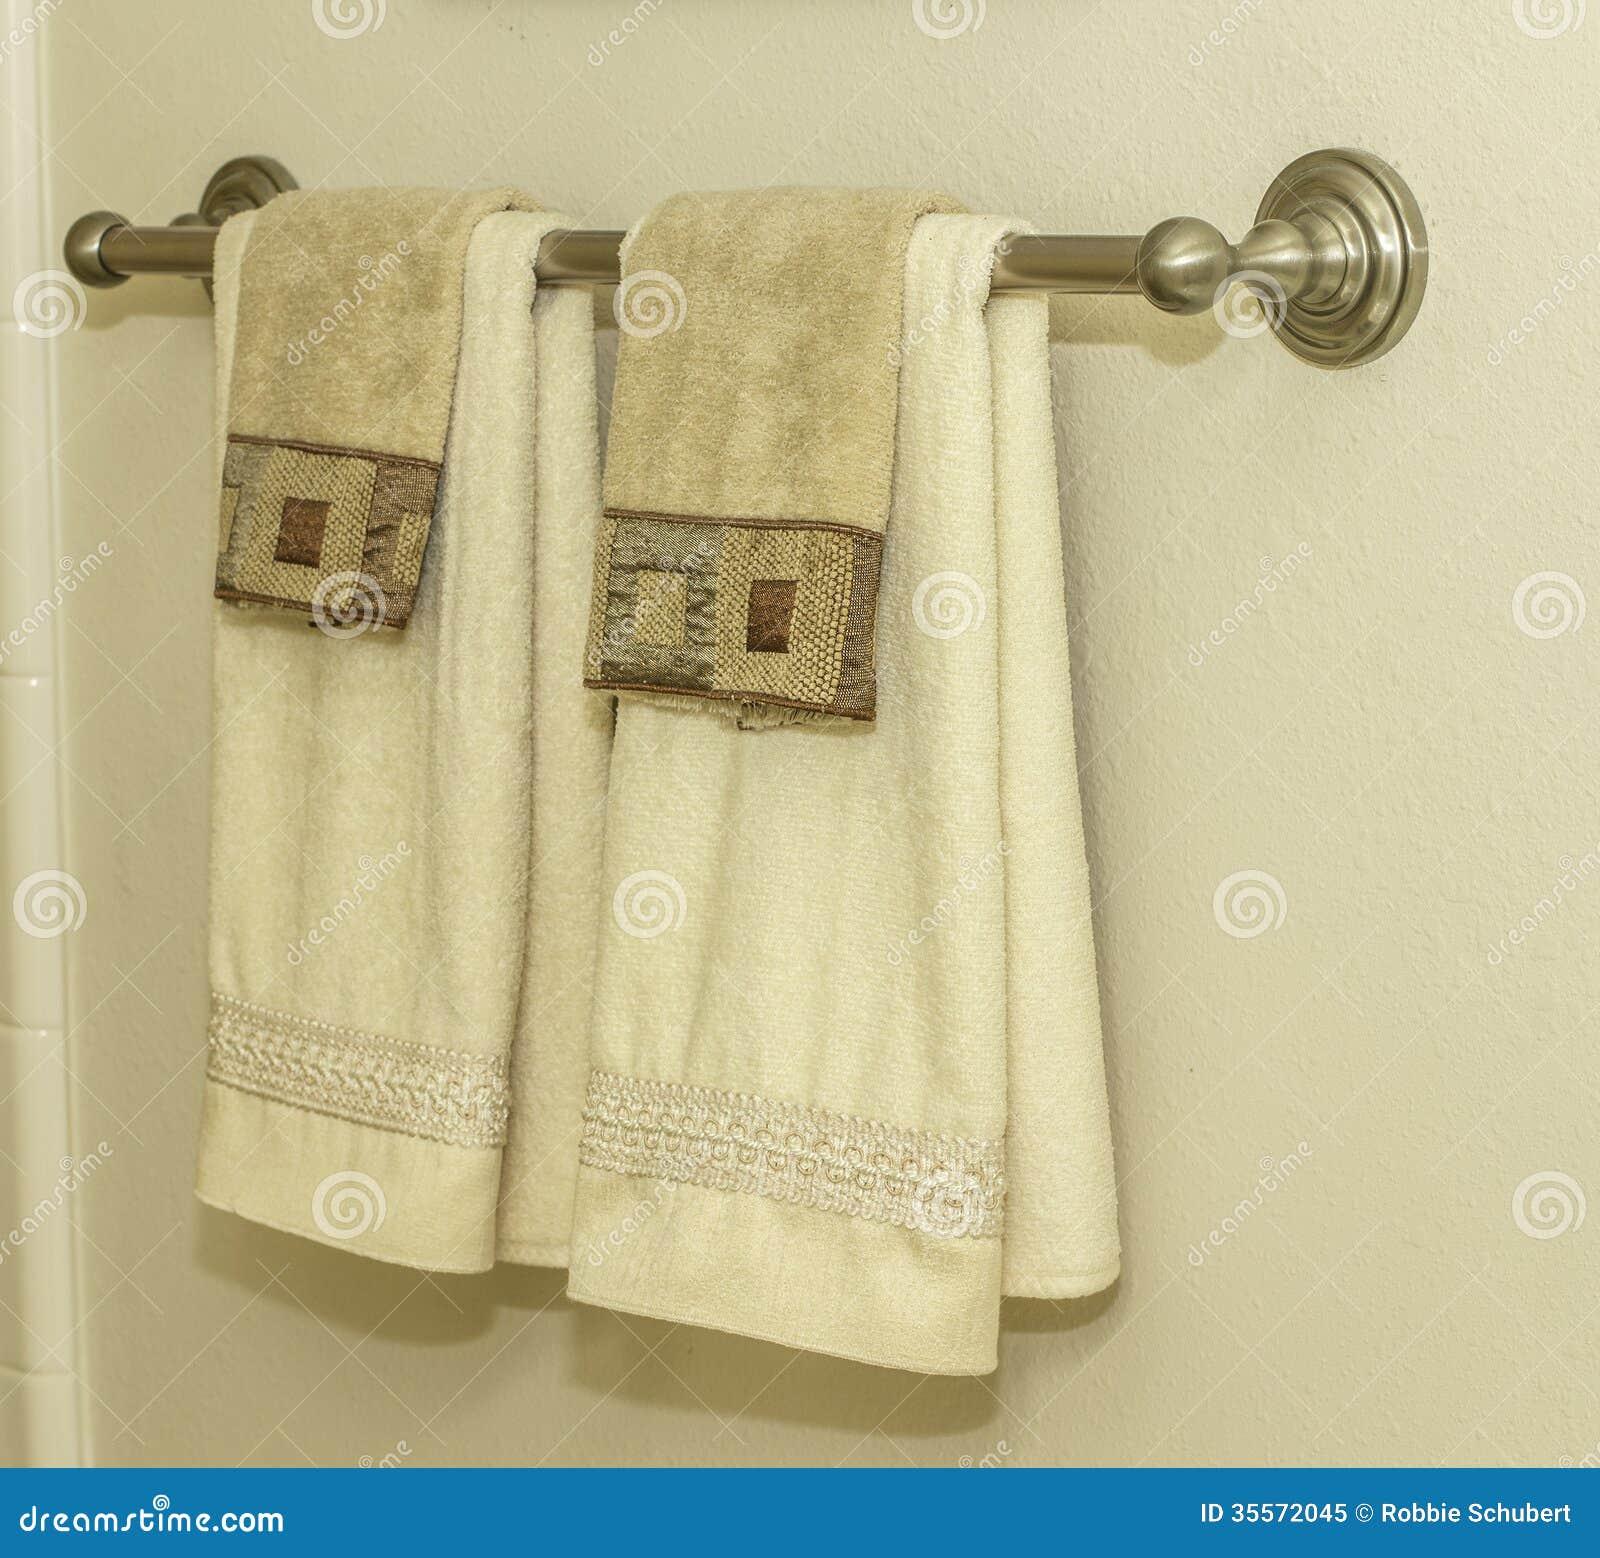 Badezimmer-Handtuchhalter stockbild. Bild von eleganz - 35572045